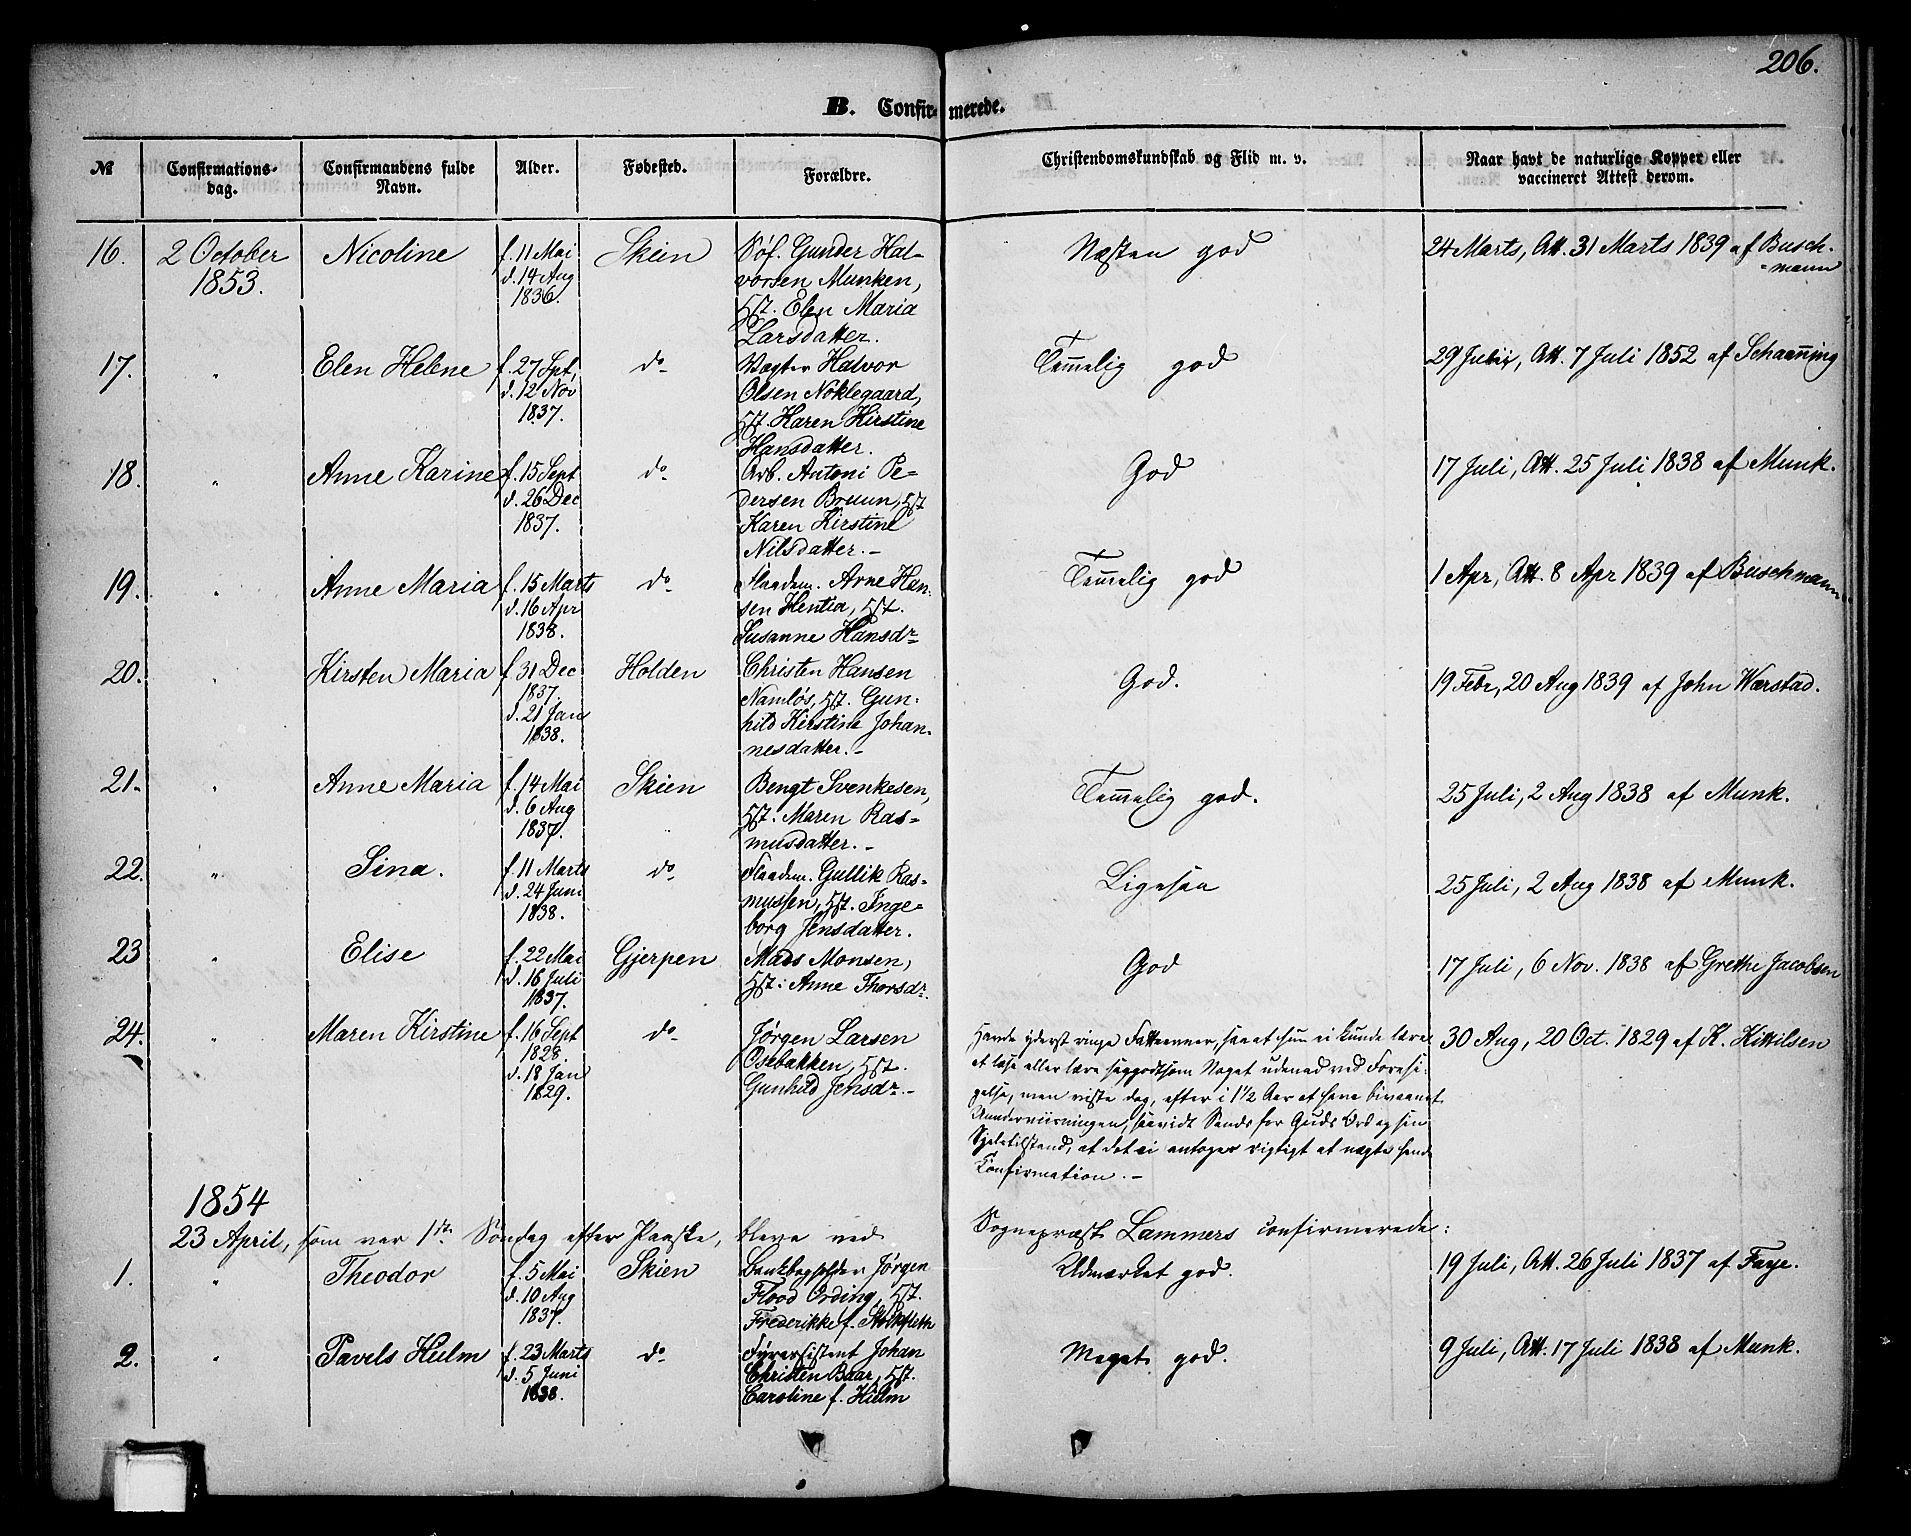 SAKO, Skien kirkebøker, G/Ga/L0004: Klokkerbok nr. 4, 1843-1867, s. 206